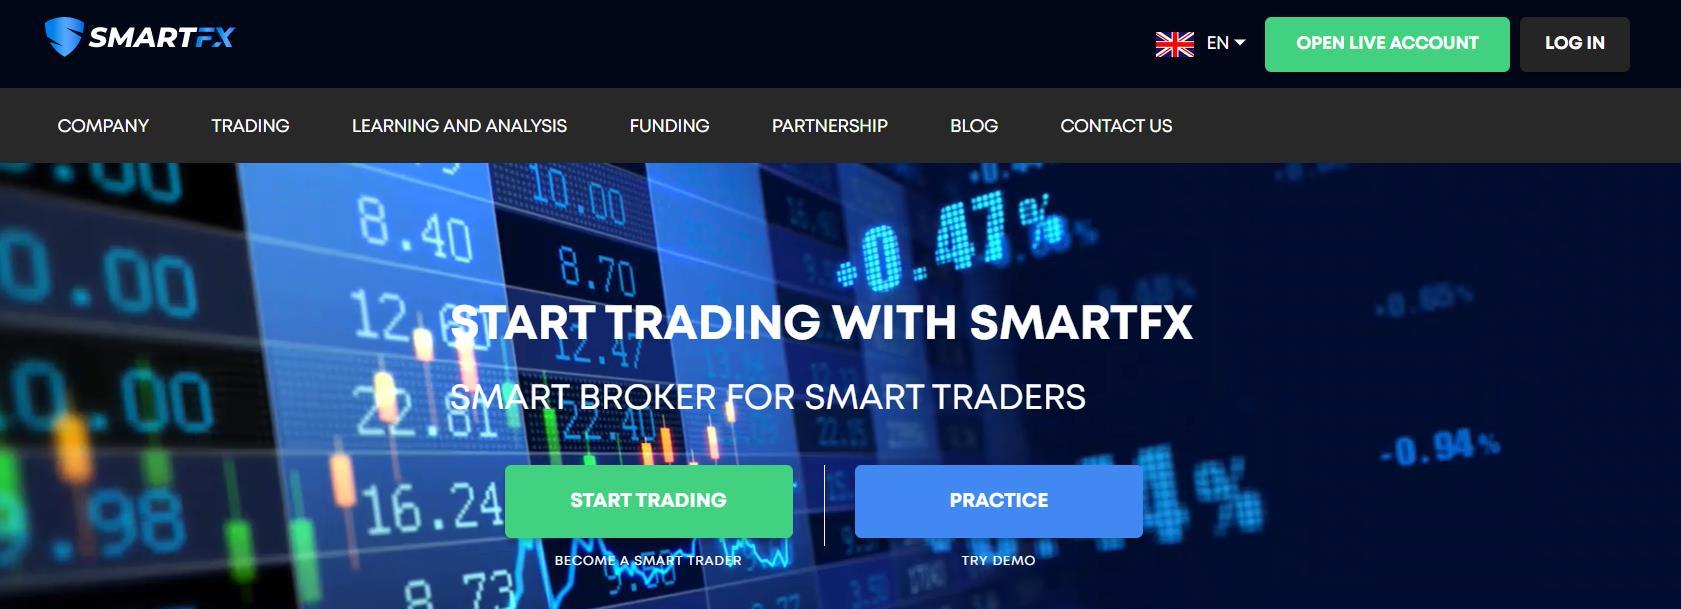 SmartFX – СКАМ или честный брокер? Отзывы про вывод